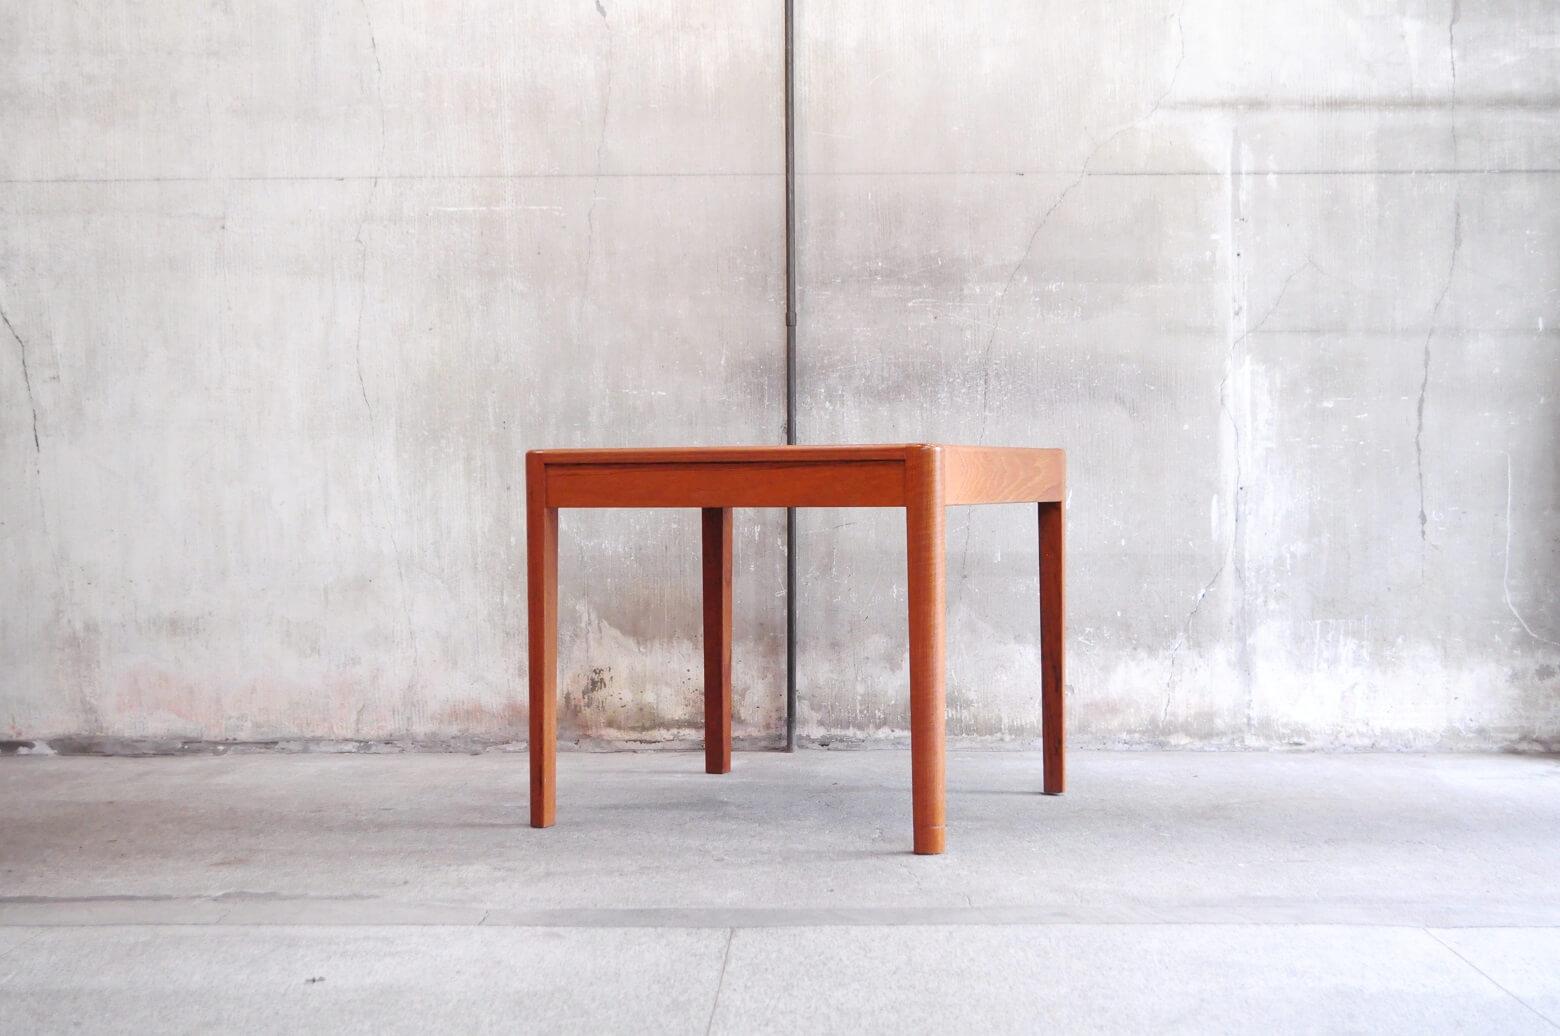 丸みのある角が温かみを感じさせてくれるビンテージのダイニングテーブル。木目の美しいチーク材を使用し、小ぶりなサイズ感が、日本の間取りに相性よく現行で販売されている2人掛けのダイニングテーブルが大きくお部屋の間取りに合わない方などにオススメです。また通常のダイニングテーブルよりも高さが低いめの設計がされており小さなお子様にも使いやすい高さかと思います。やわらかい印象から、北欧スタイル、ナチュラルインテリアに馴染の良いお品物です。是非この機会にいかがでしょうか。~【東京都杉並区阿佐ヶ谷北アンティークショップ 古一】 古一では出張無料買取も行っております。杉並区周辺はもちろん、世田谷区・目黒区・武蔵野市・新宿区等の東京近郊のお見積もりも!ビンテージ家具・インテリア雑貨・ランプ・USED品・ リサイクルなら古一へ~,ユーズド, リサイクル,ふるいち,古市,フルイチ,used,furuichi,デザイナーズ,デザイナーズ家具,